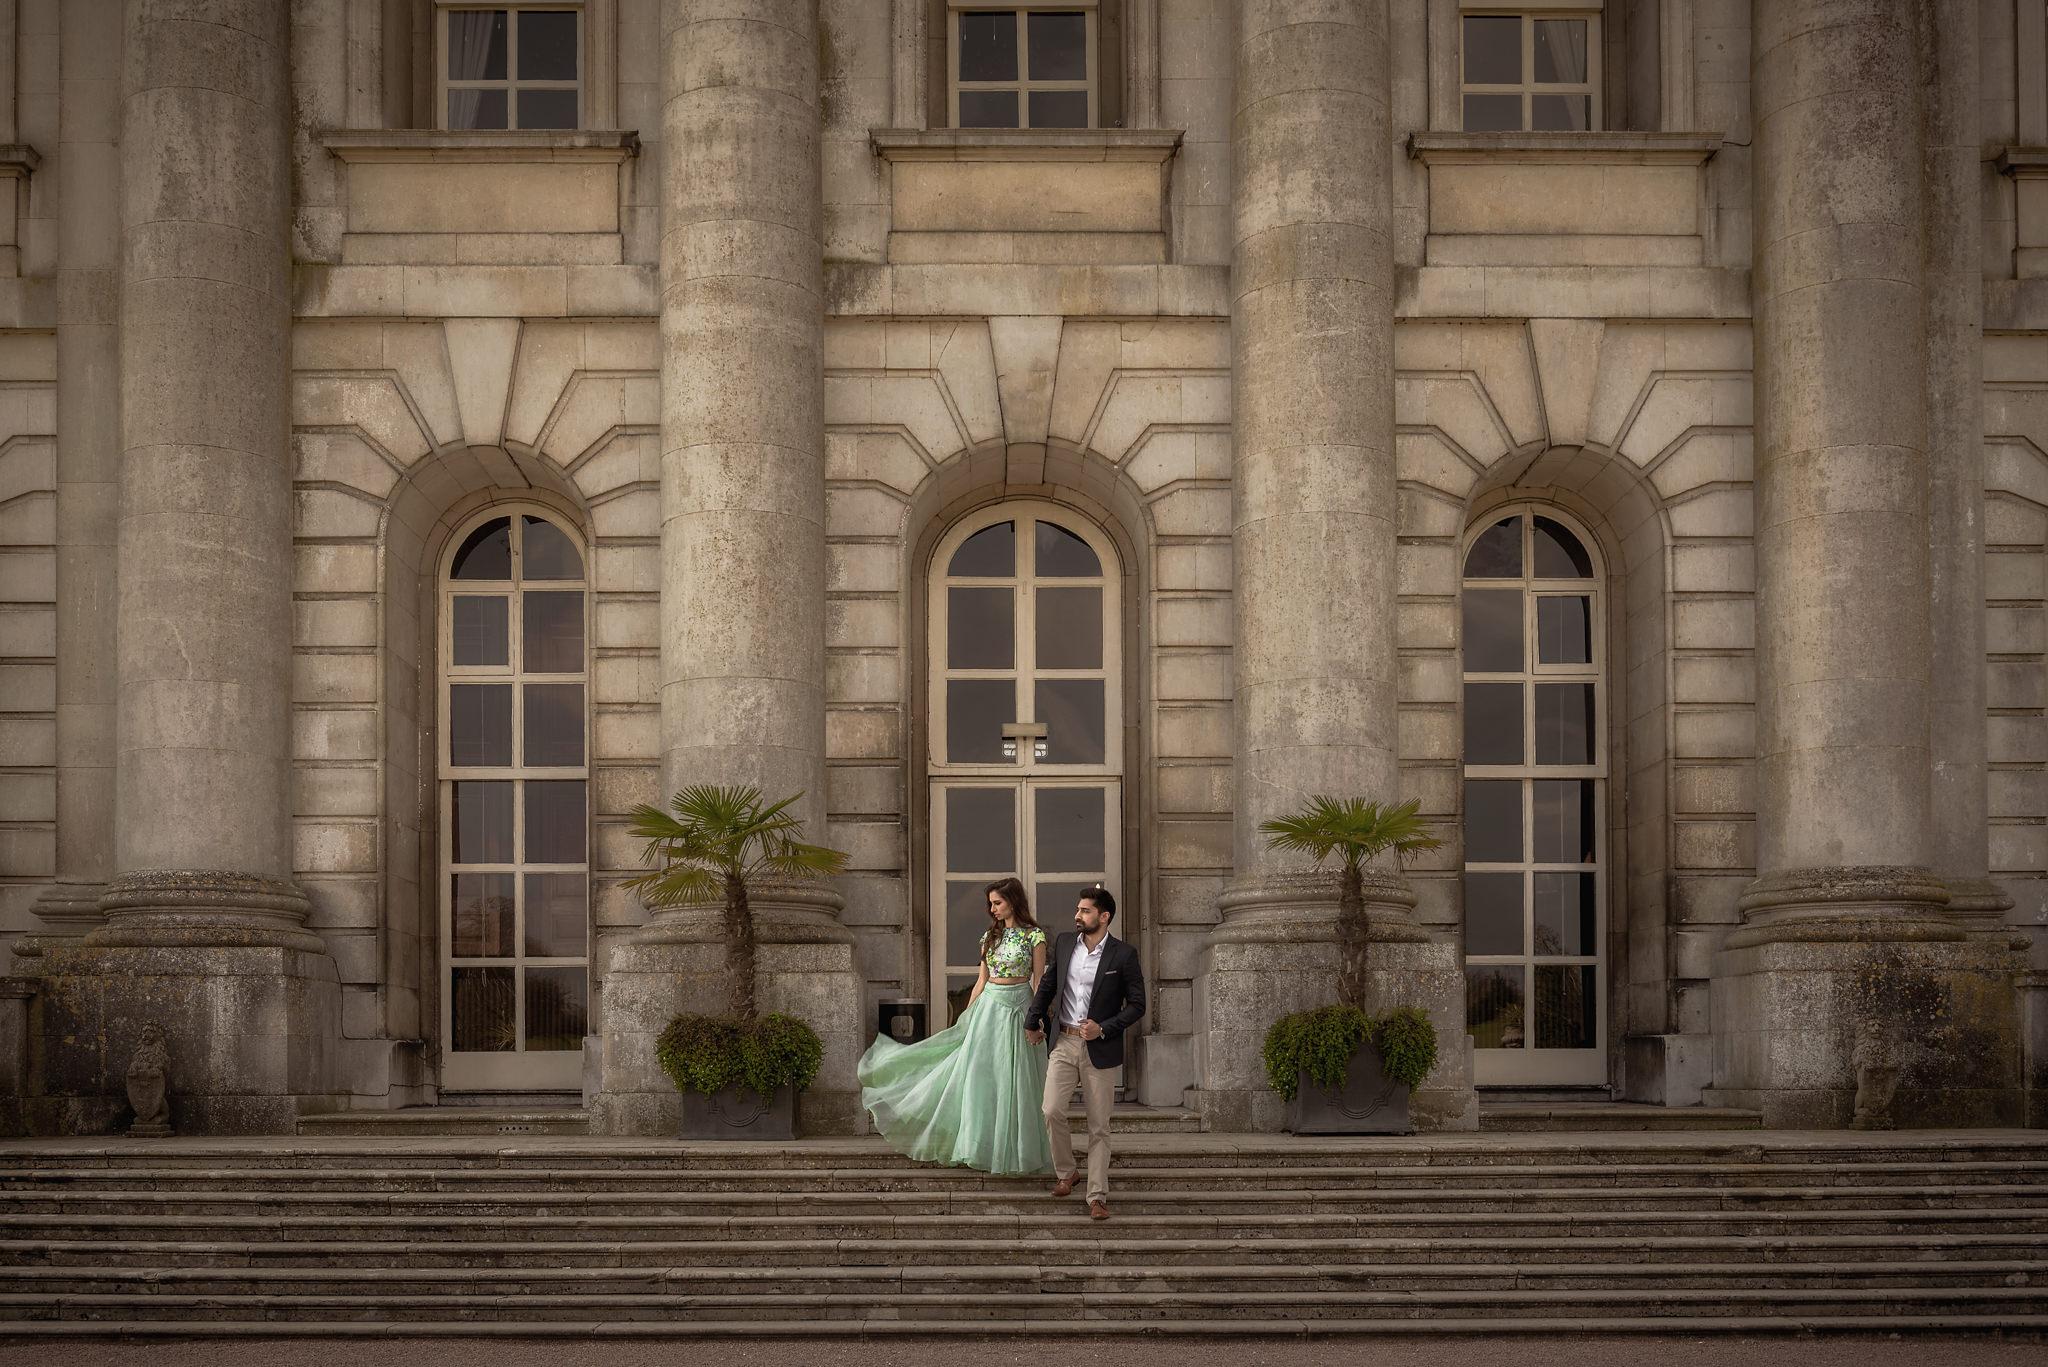 best-asian-wedding-photographer-london-didar-virdi-003